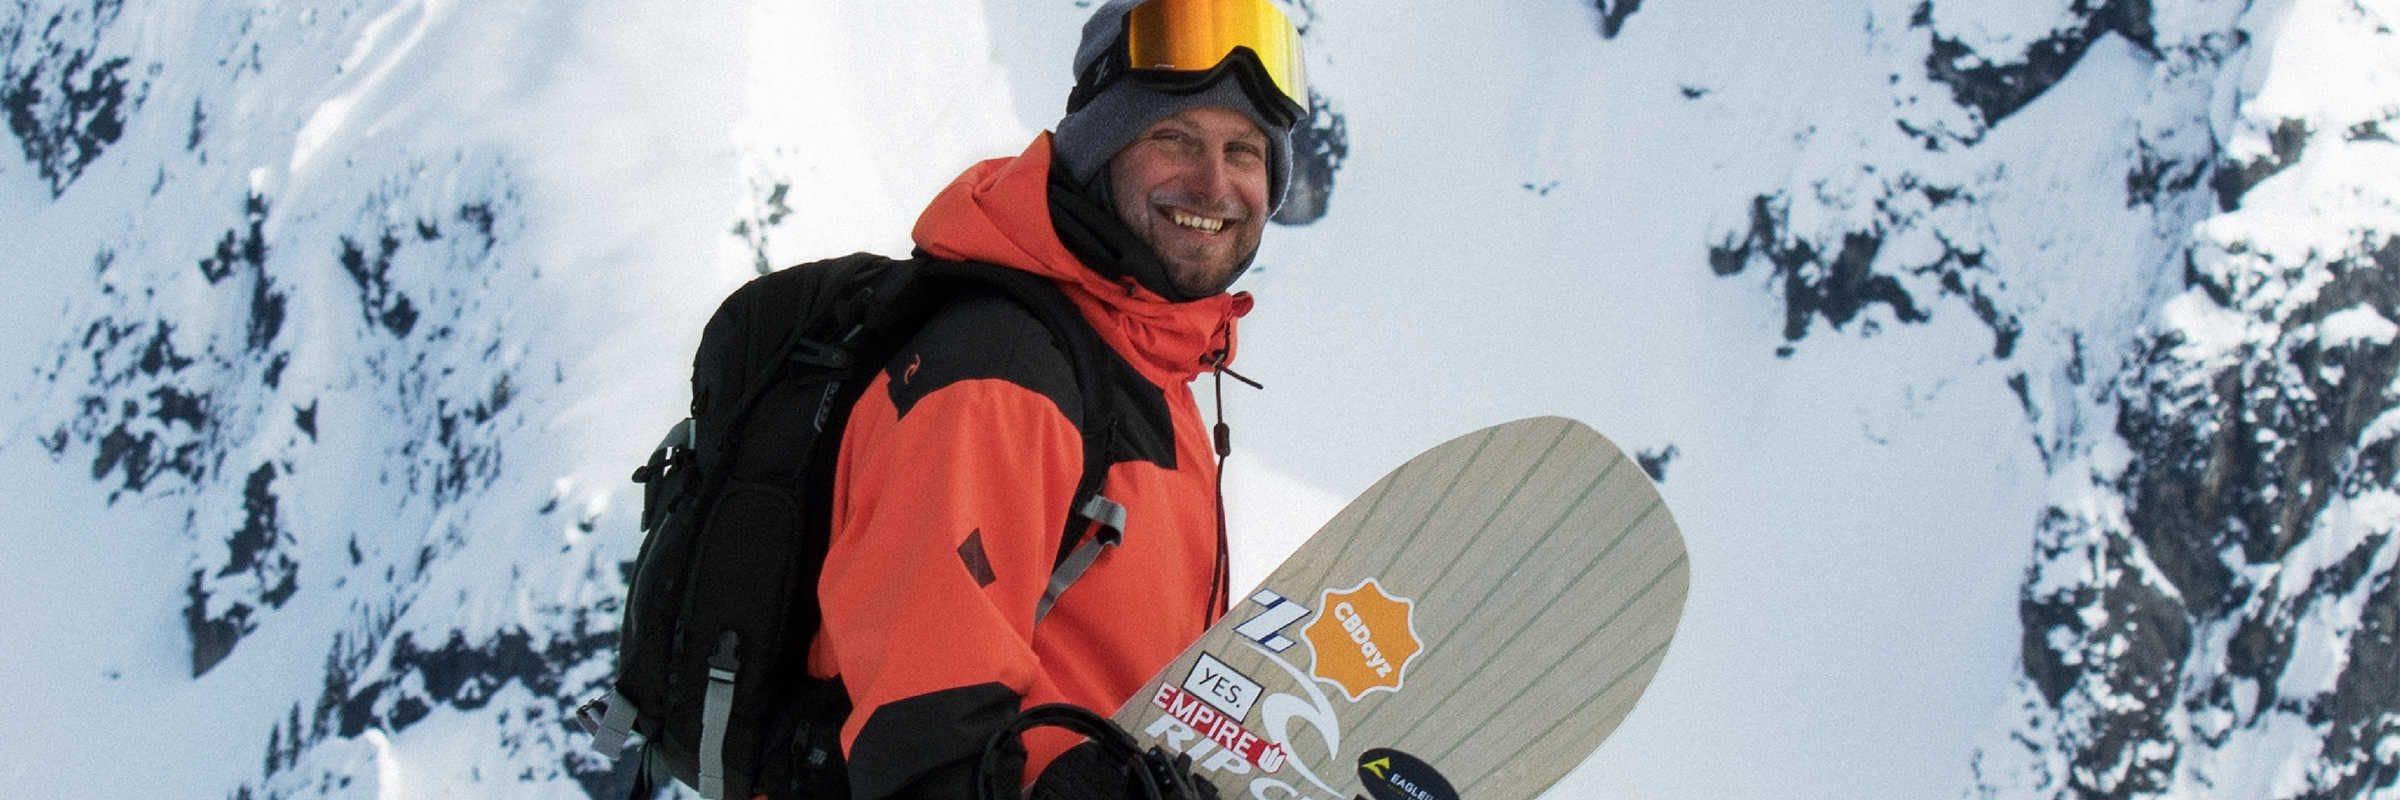 DCP pour Rip Curl: Le snowboarder canadien nous parle de sa carrière et de The Search